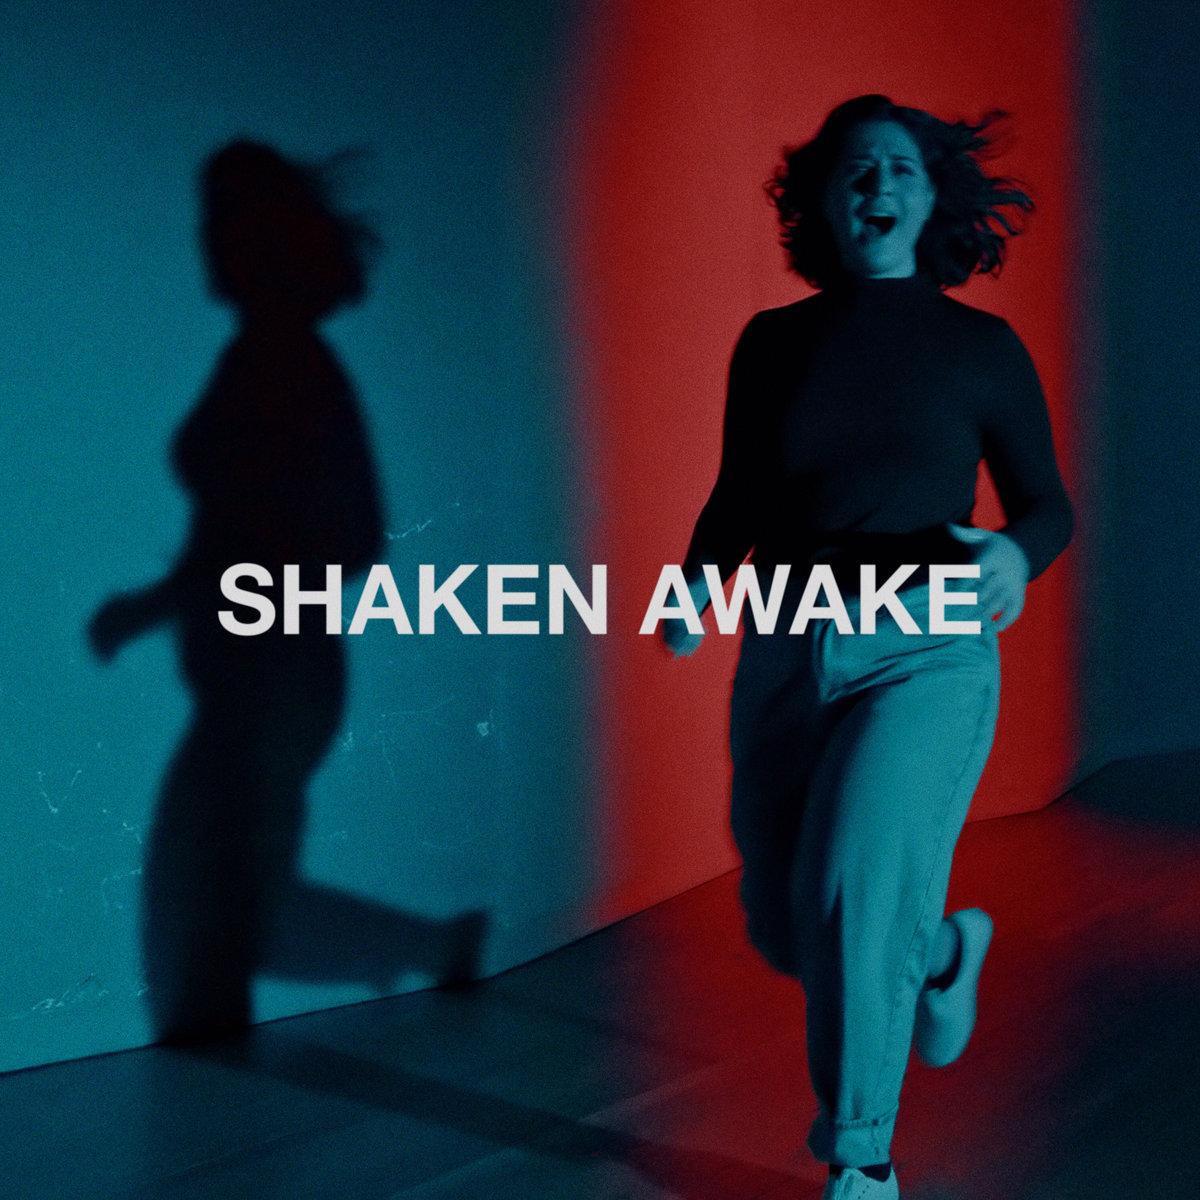 Shaken Awake by GULES